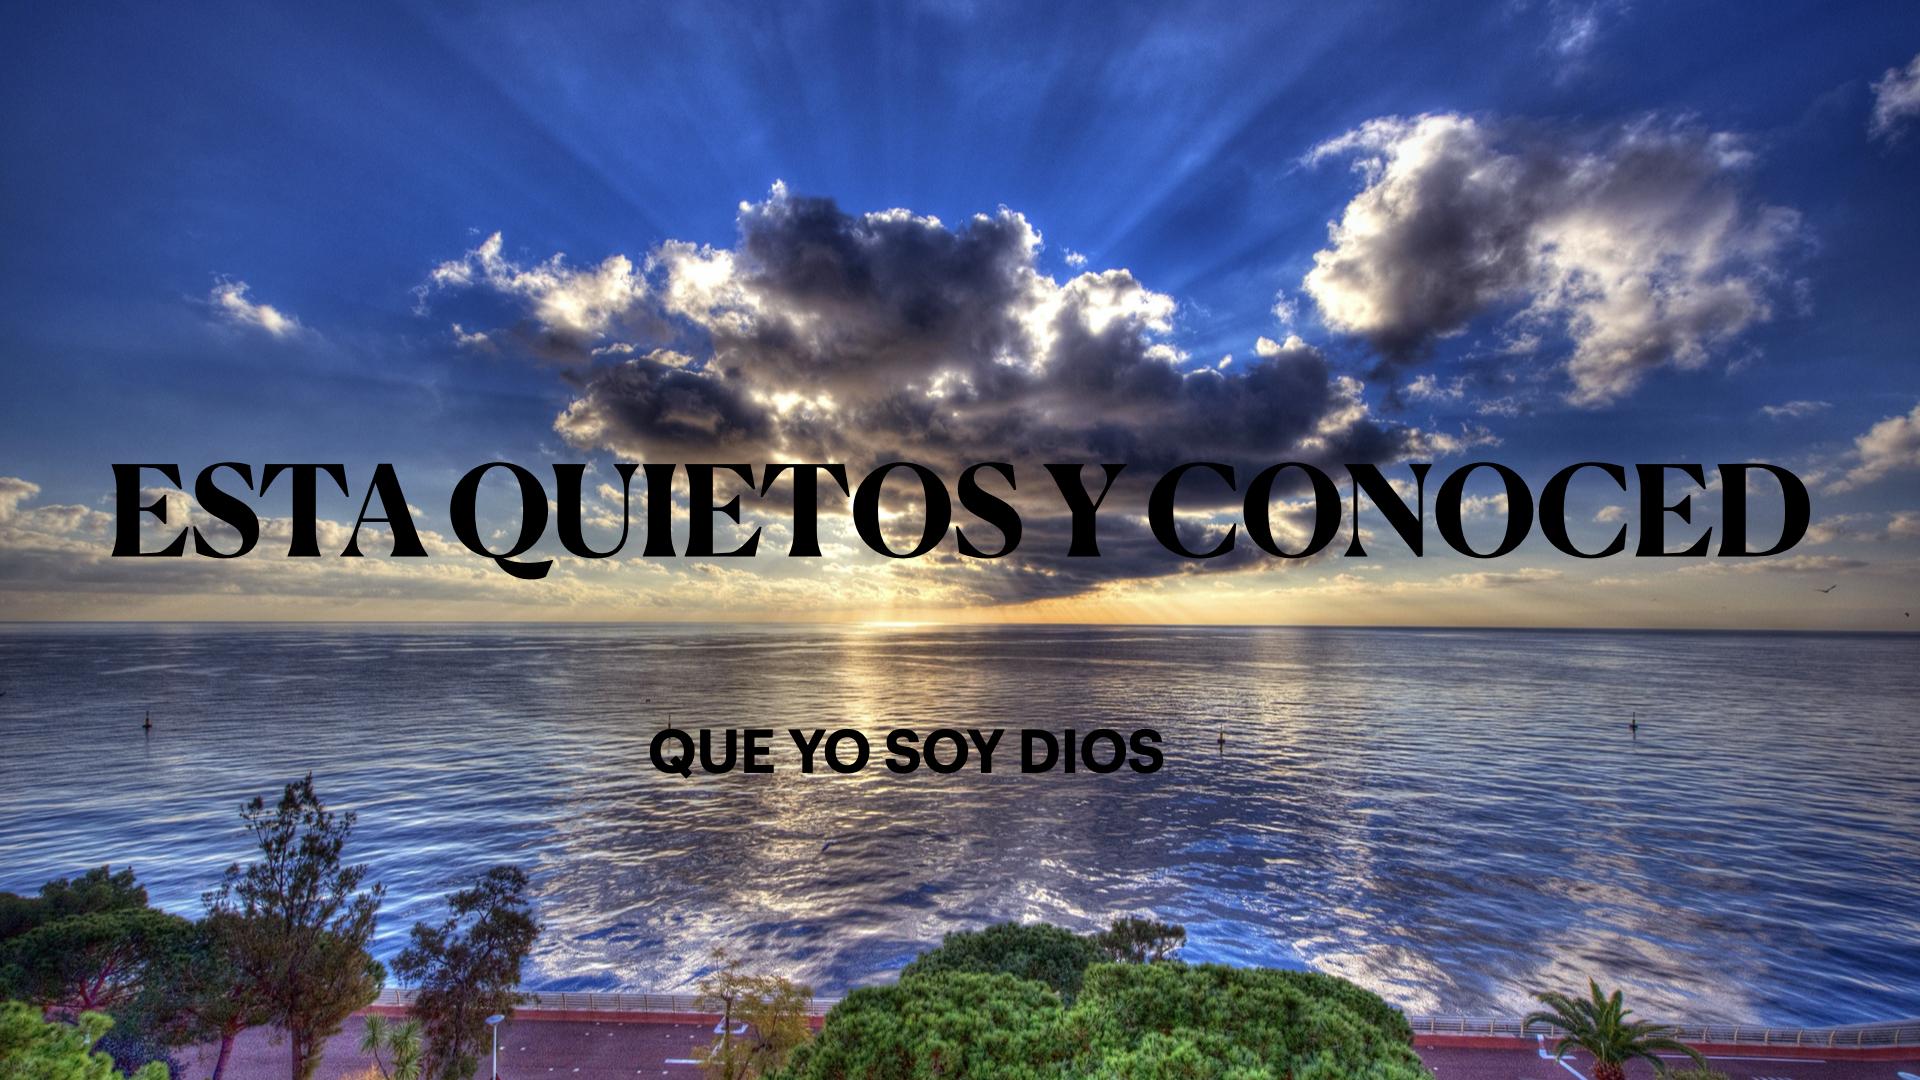 Estad quietos y conoced que Yo soy Dios